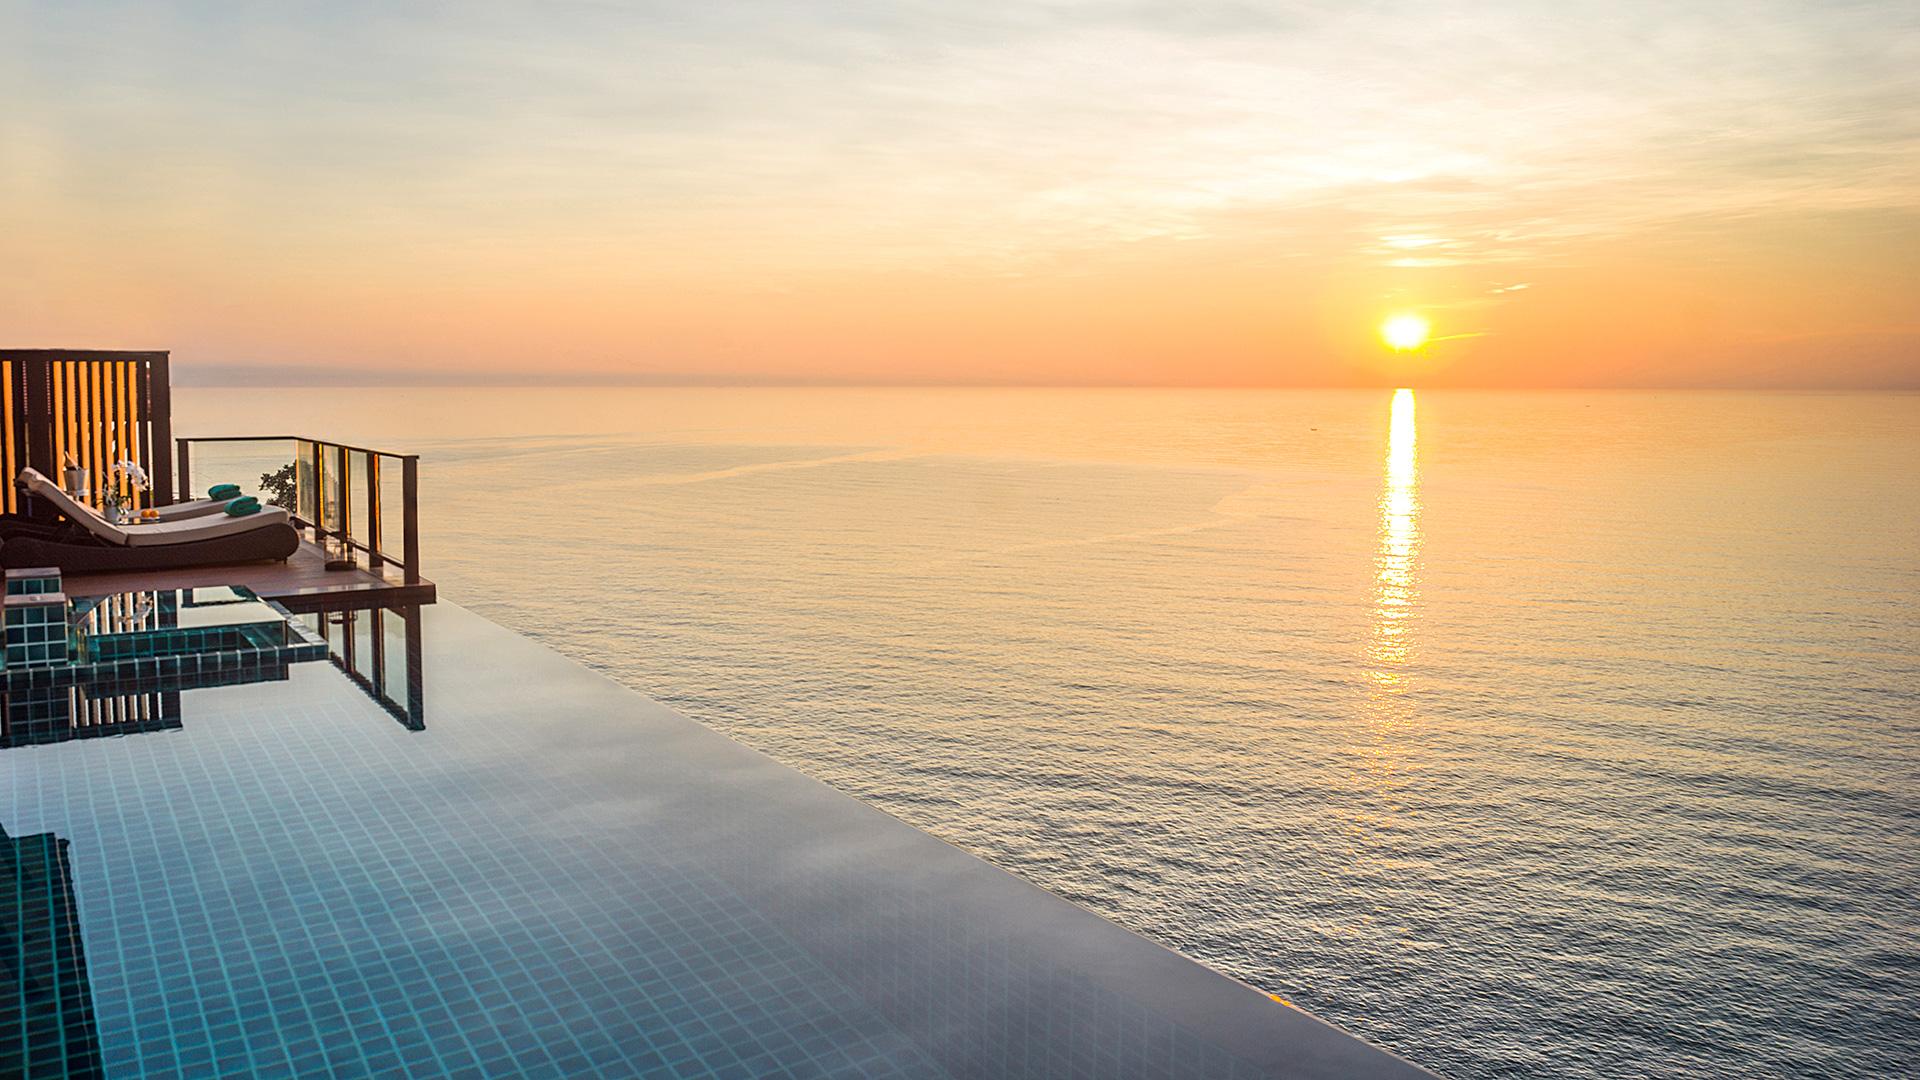 biệt thự biển - Banyan Tree Residences tầm nhìn ôm trọn biển